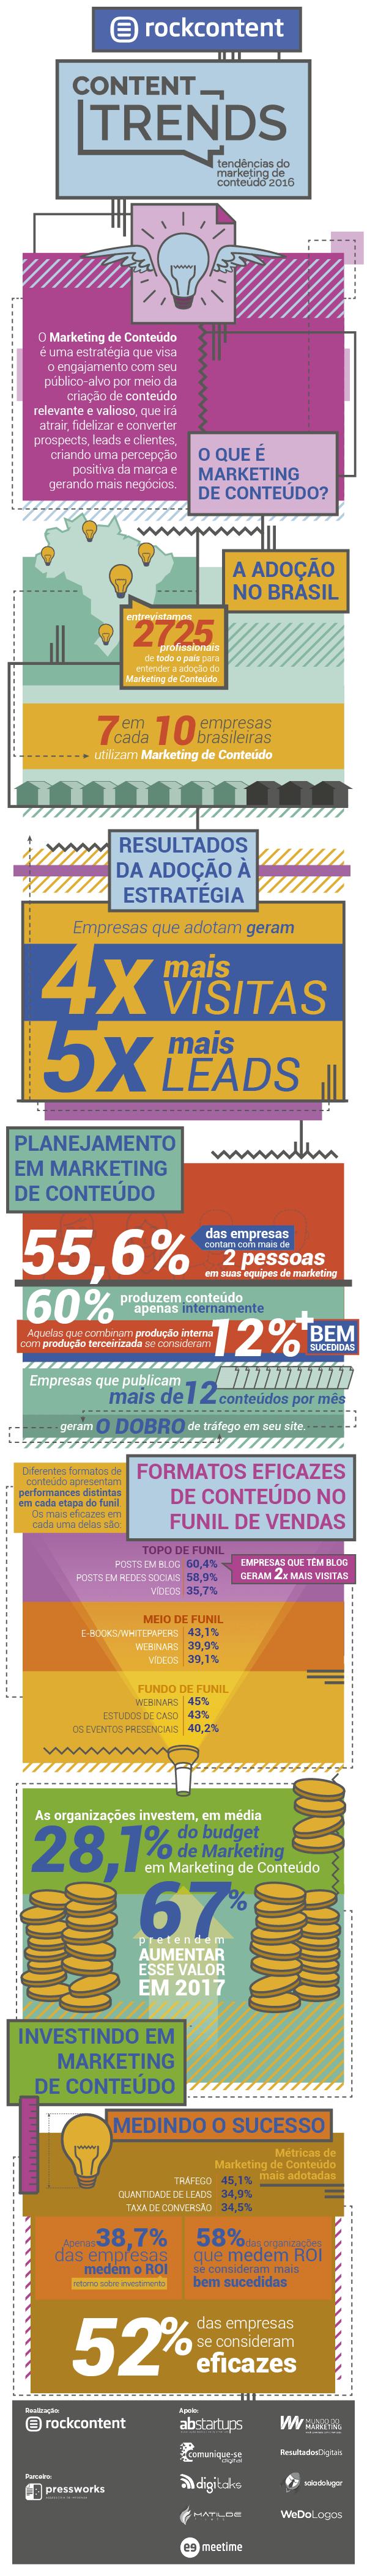 Content Trends - Tendências do Marketing de Conteúdo 2016 (1)